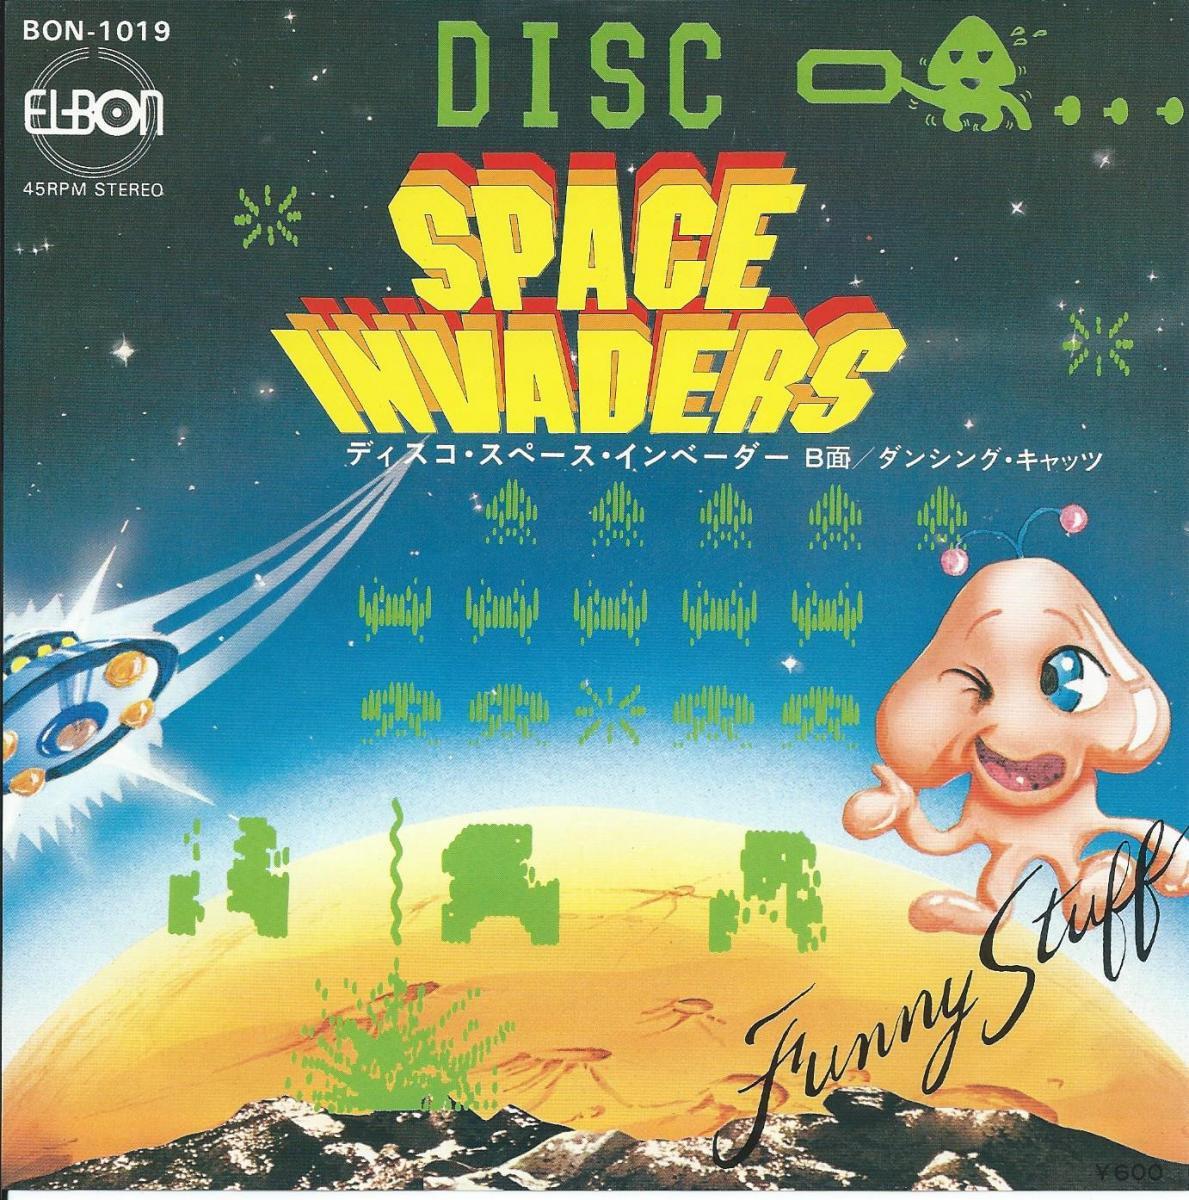 ファニー・スタッフ FUNNY STAFF / ディスコ・スペース・インベーダー DISCO SPACE INVADERS (7